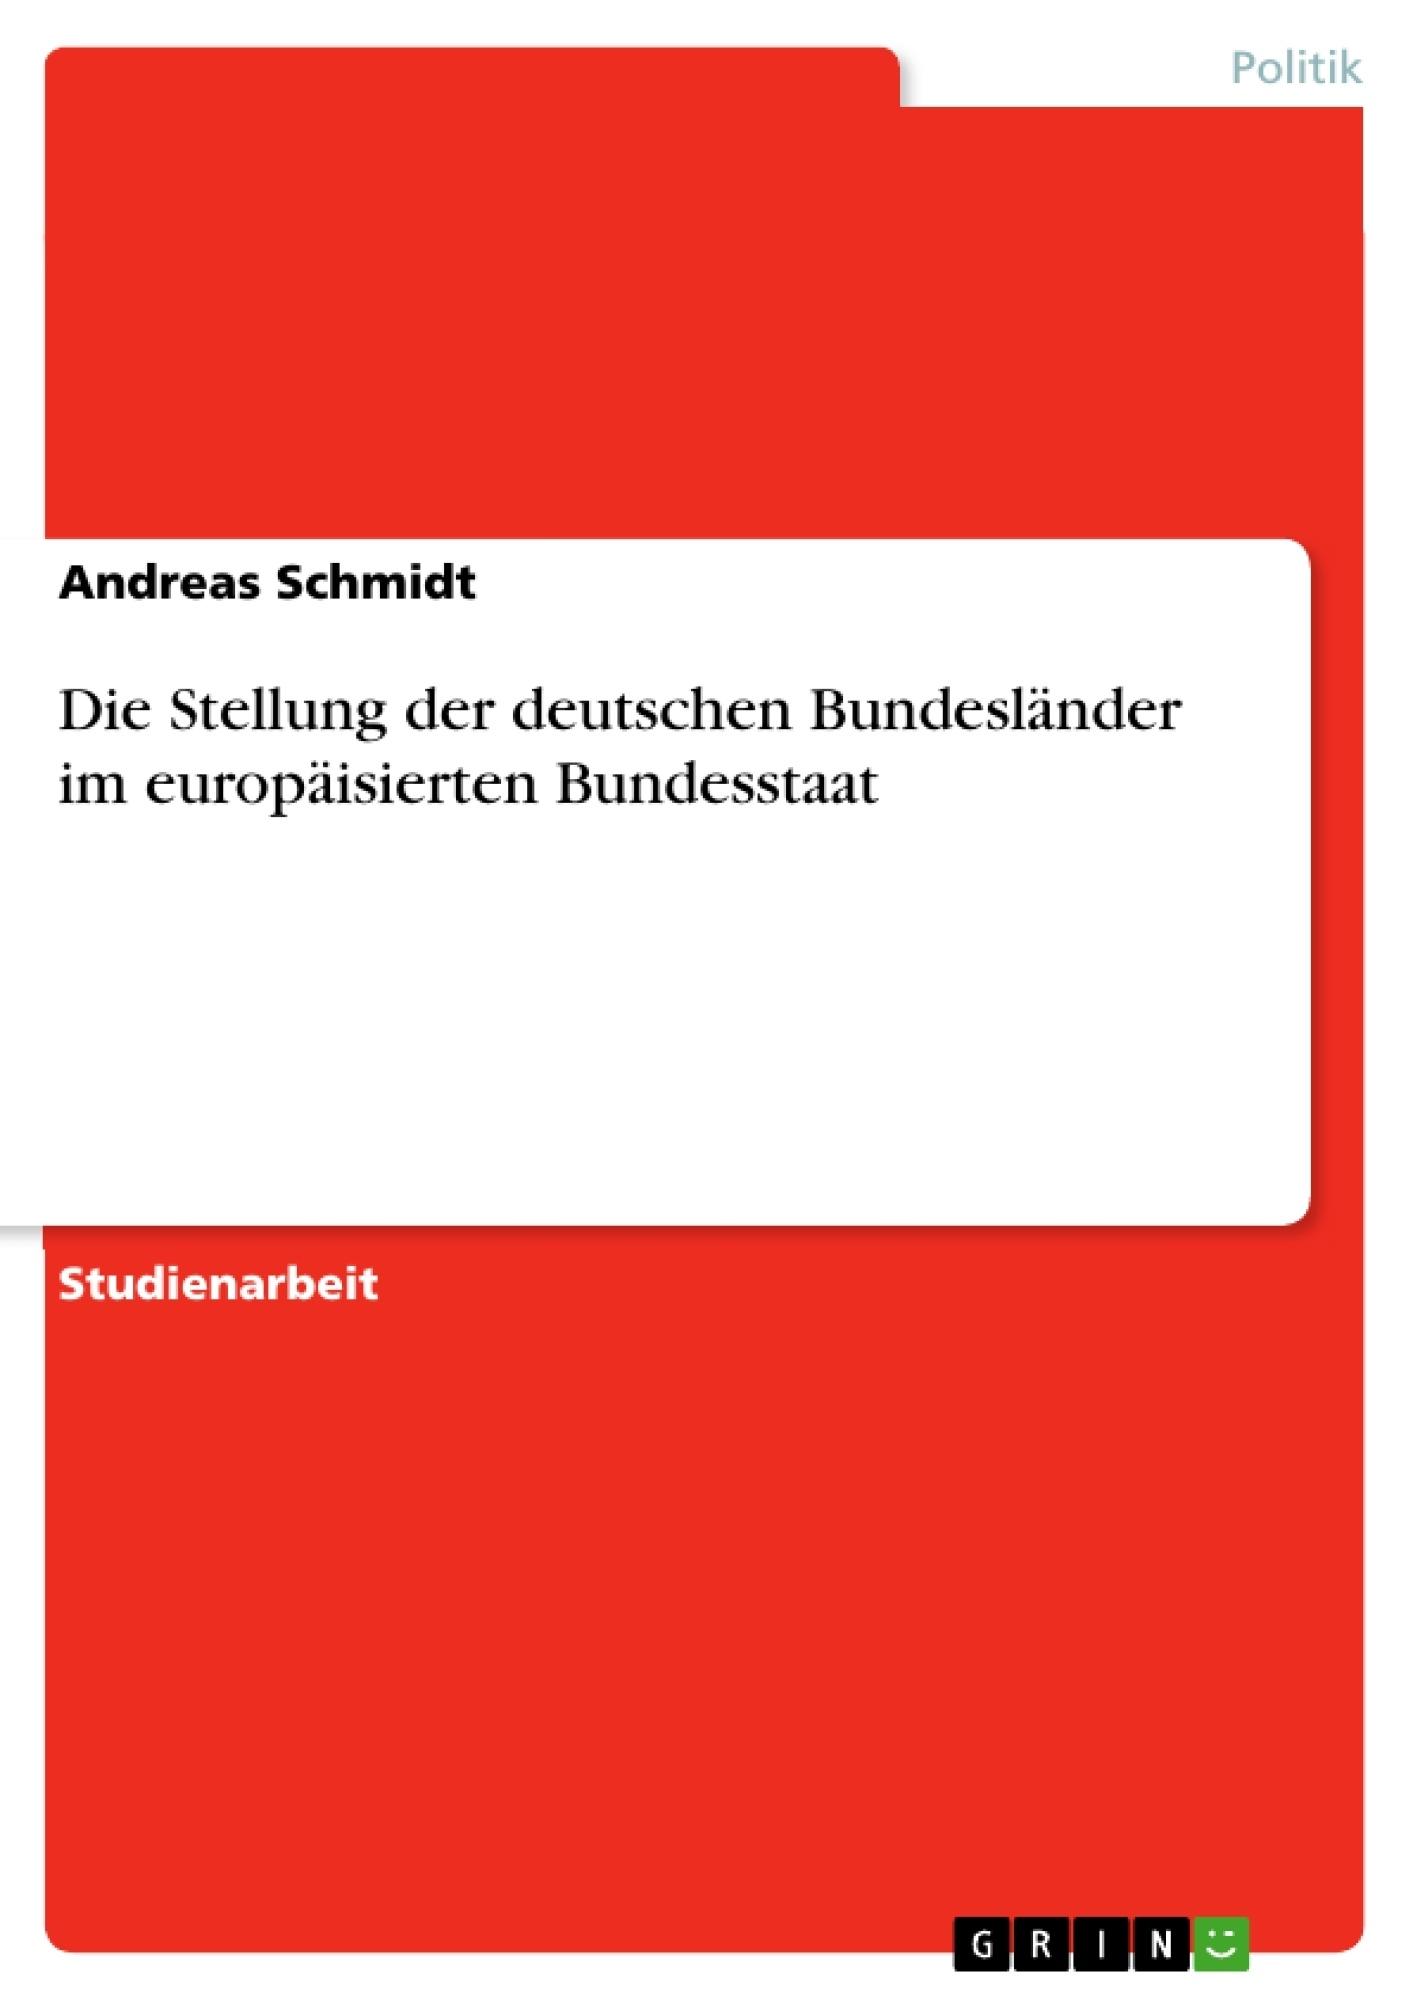 Titel: Die Stellung der deutschen Bundesländer im europäisierten Bundesstaat